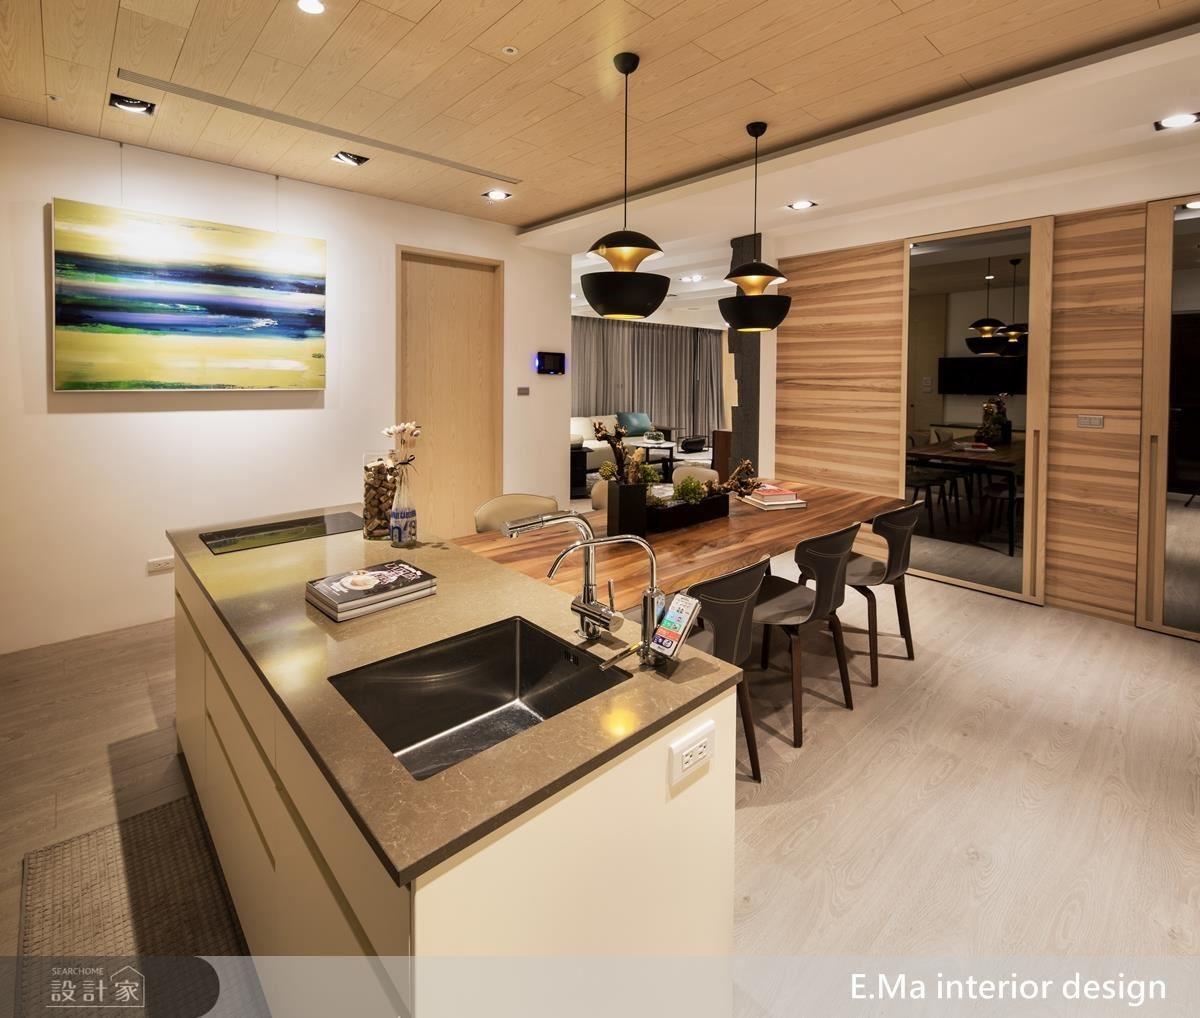 餐廚區使用加長型木桌搭配中島與系統廚具,滿足屋主好客習性。再利用灰鏡及淺木皮完美隱藏住多功能室及儲藏室。